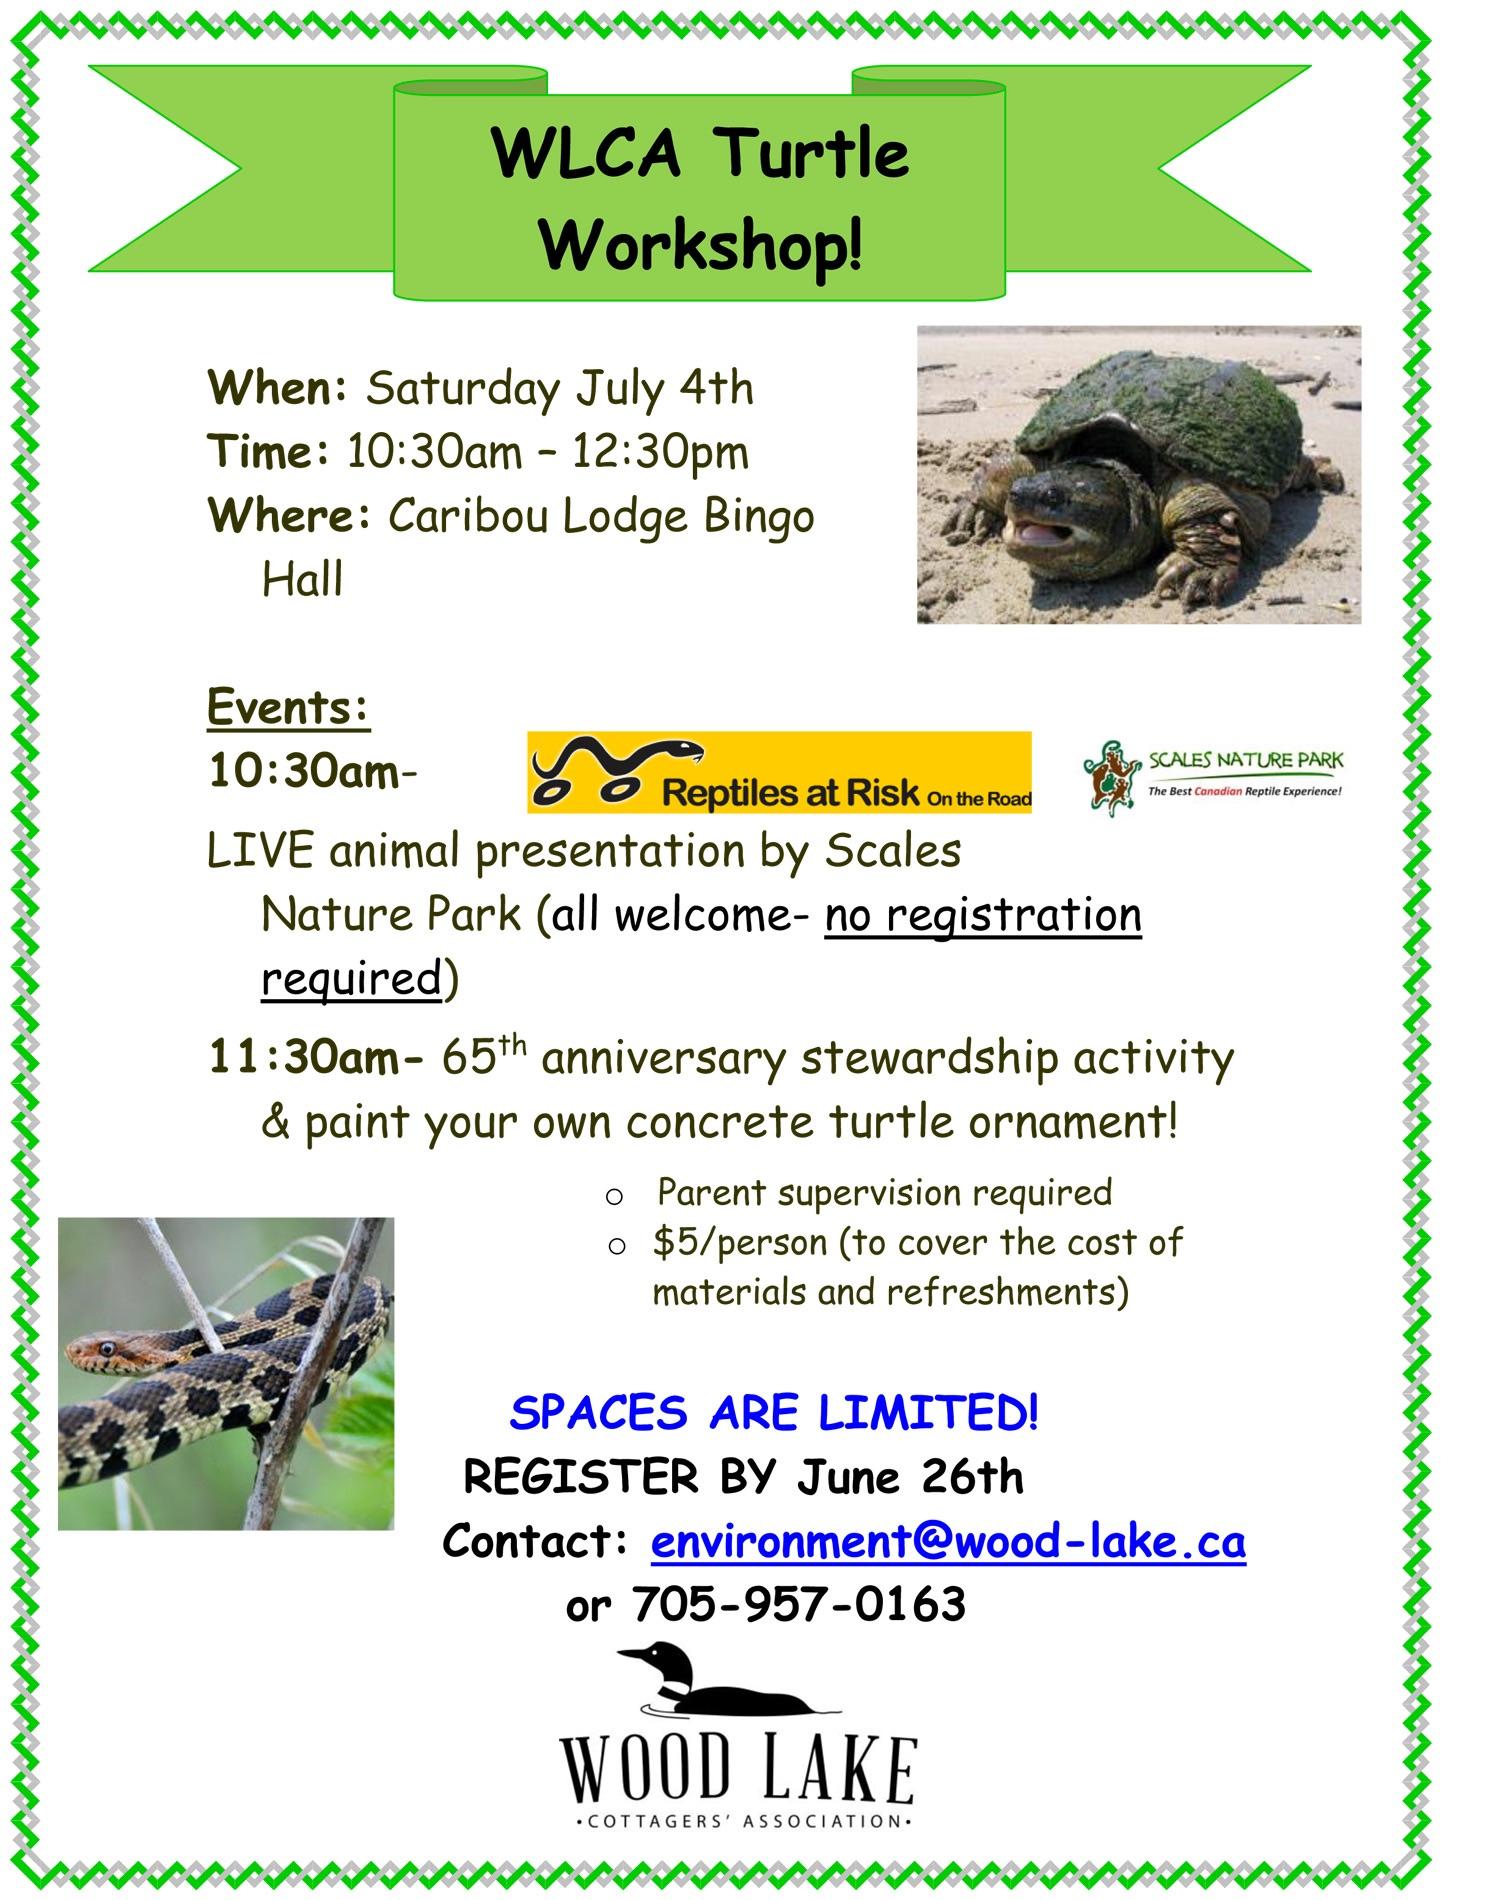 2015 Turtle Workshop.jpg